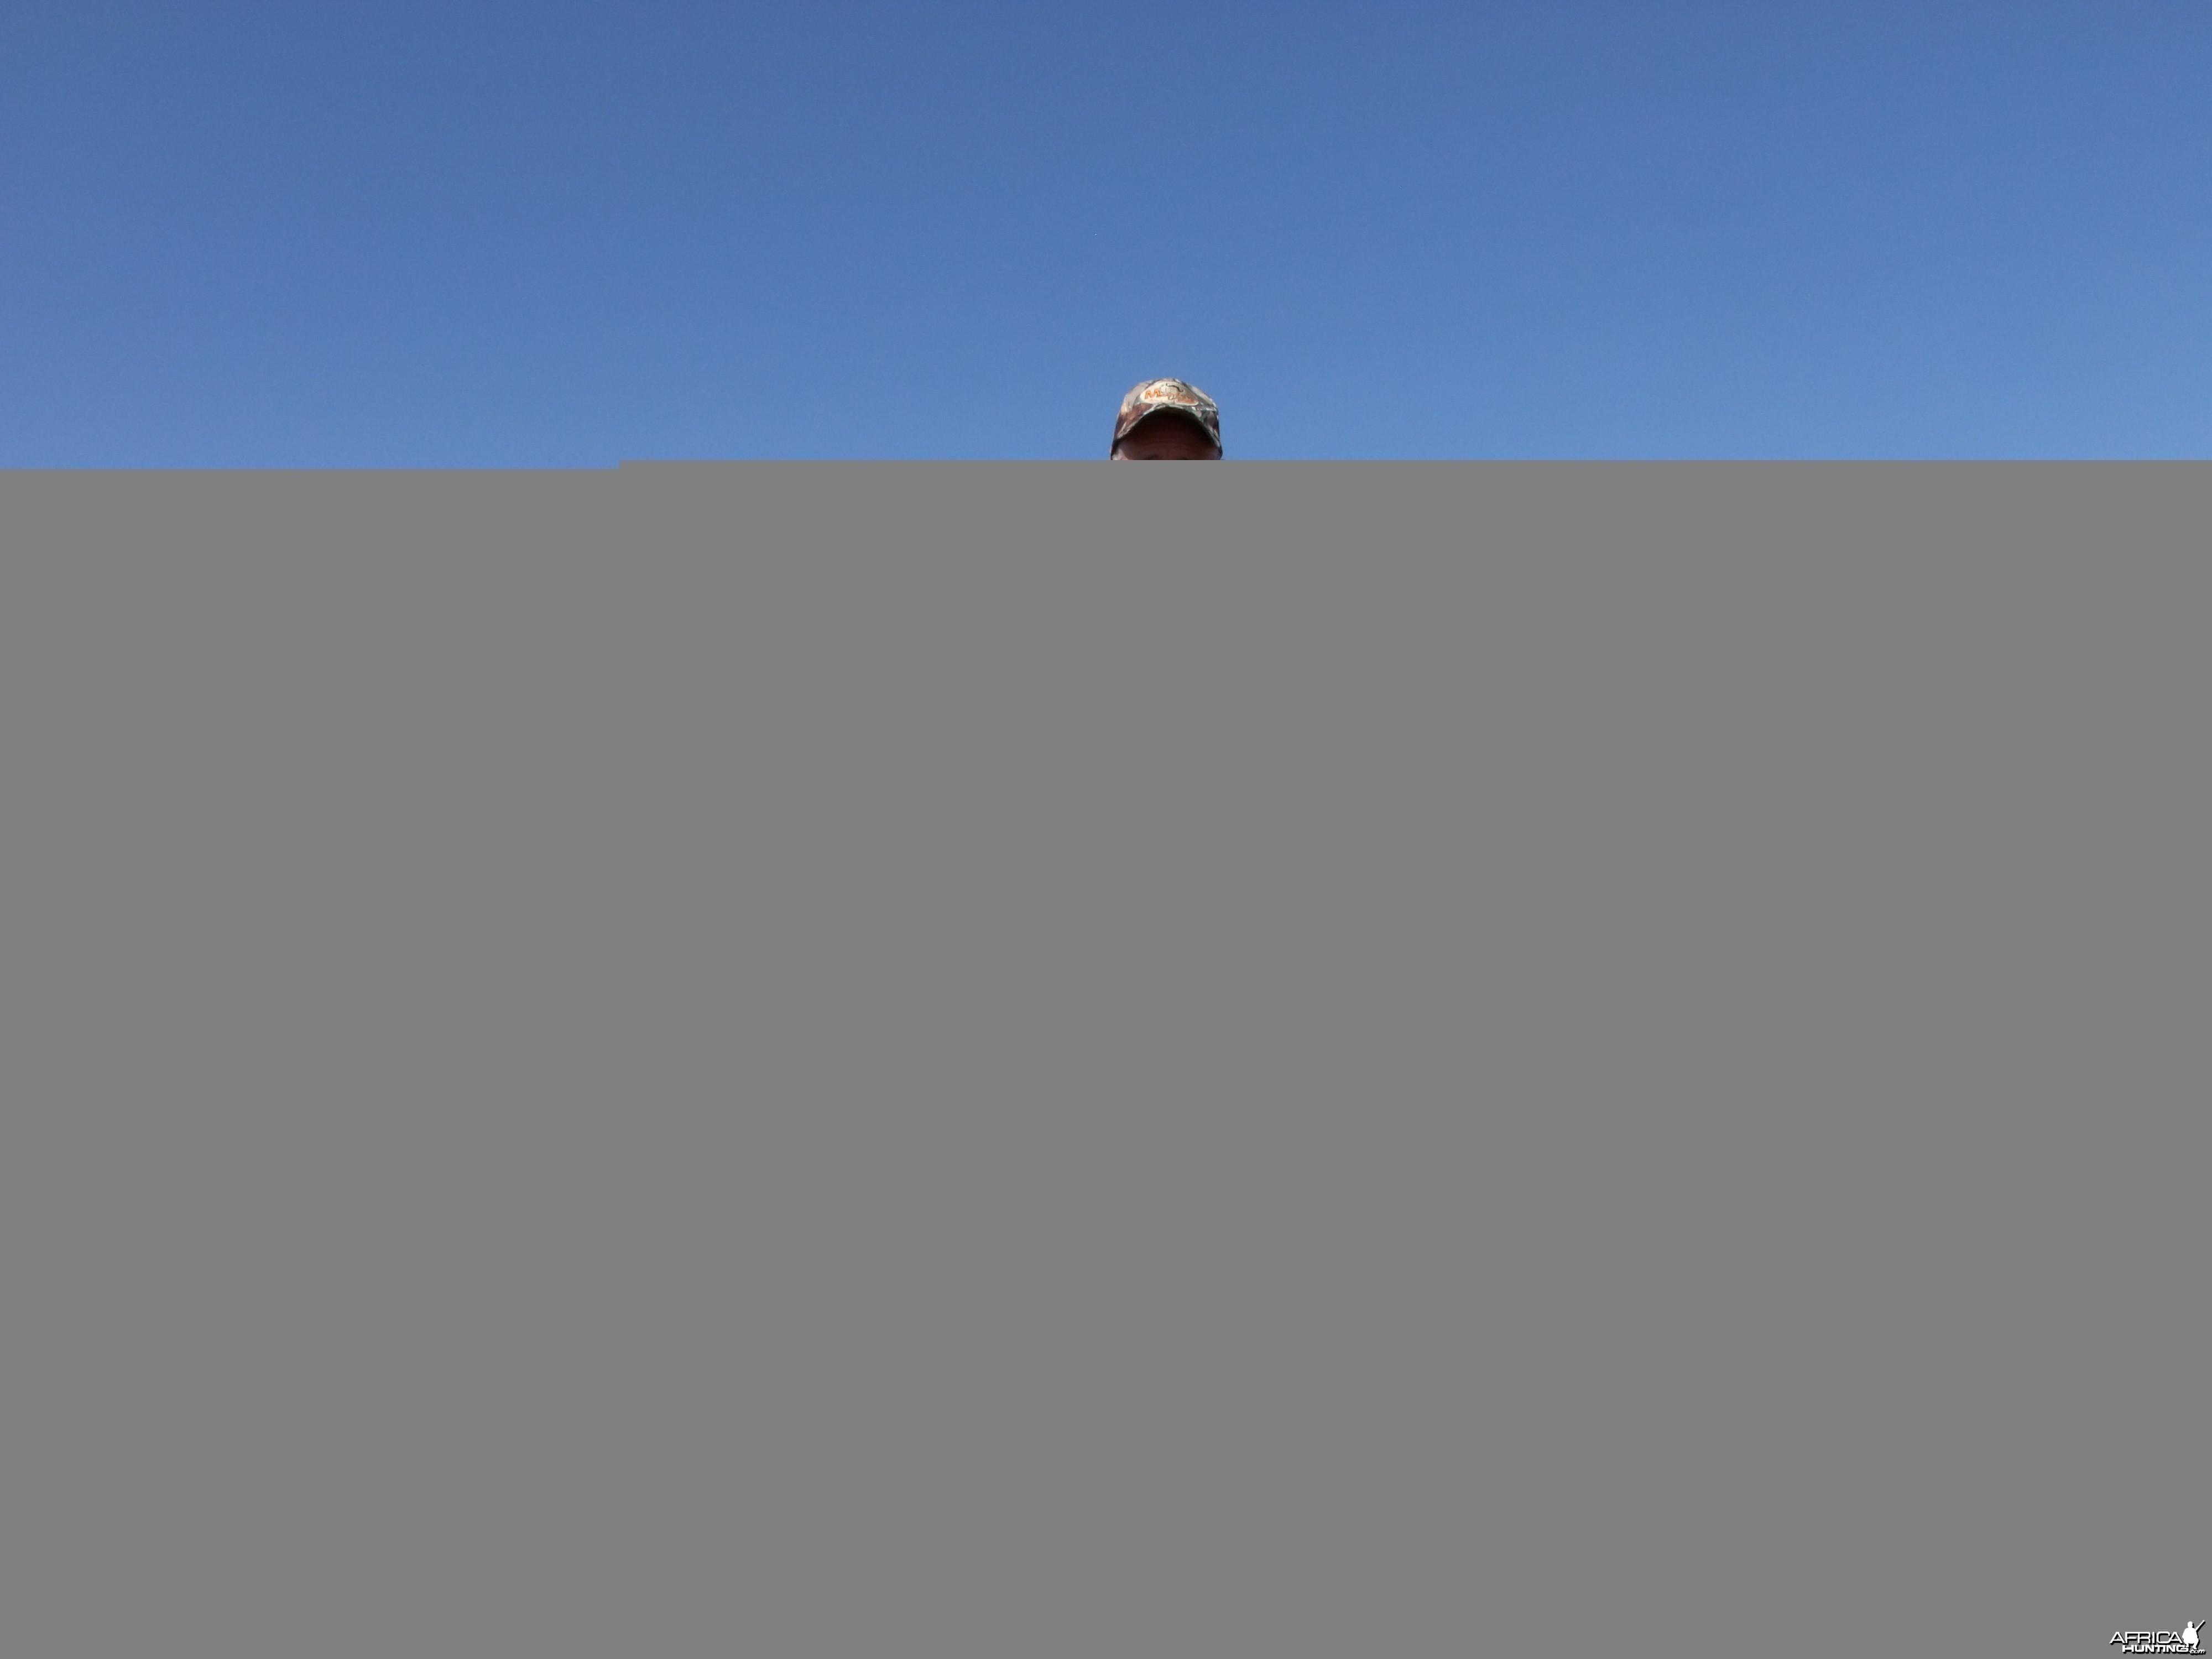 Dads Zebra